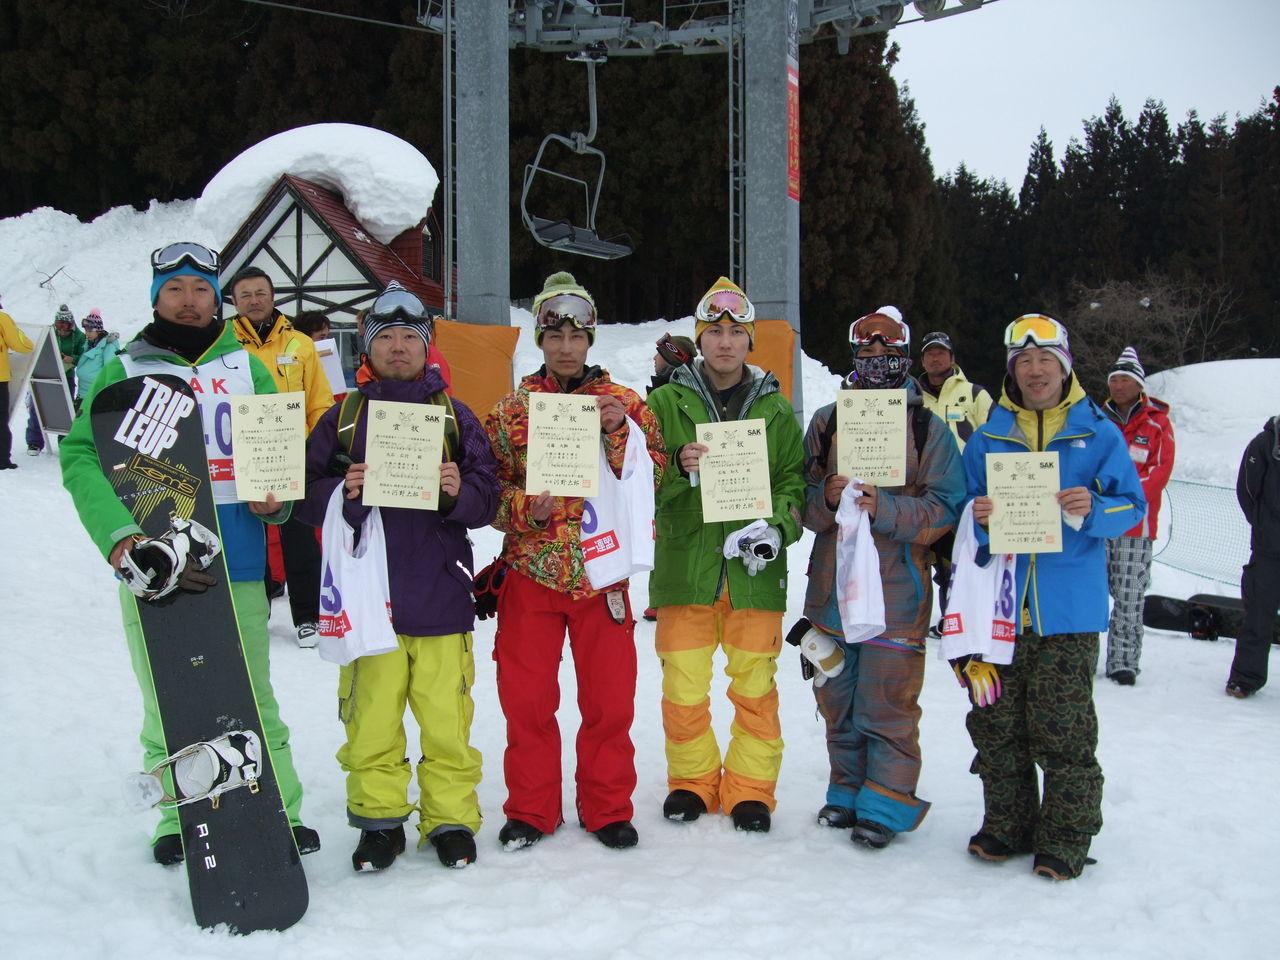 こんちゃんのスノーボードが好きなんです(^_-)☆ : 2011年02月